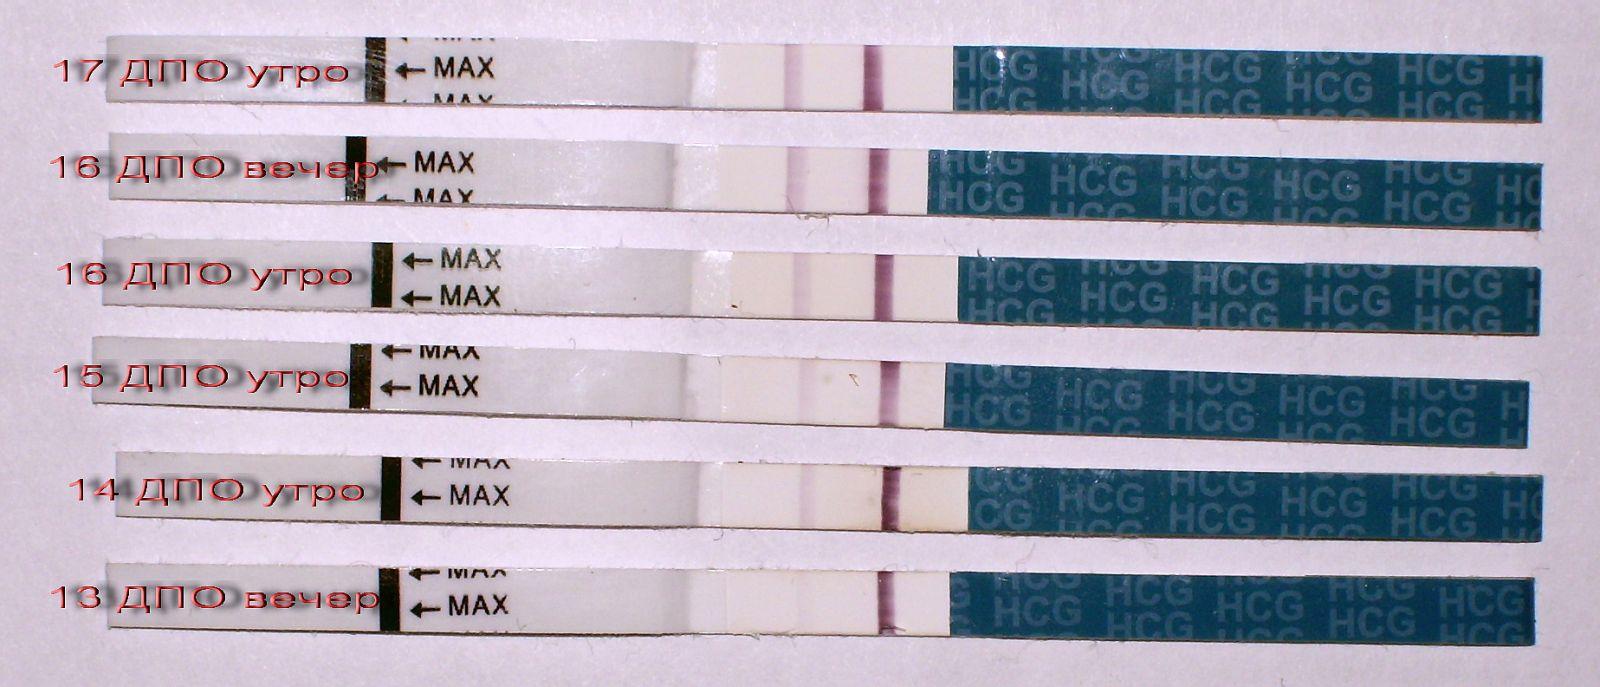 Как сделать тест на беременность на хгч